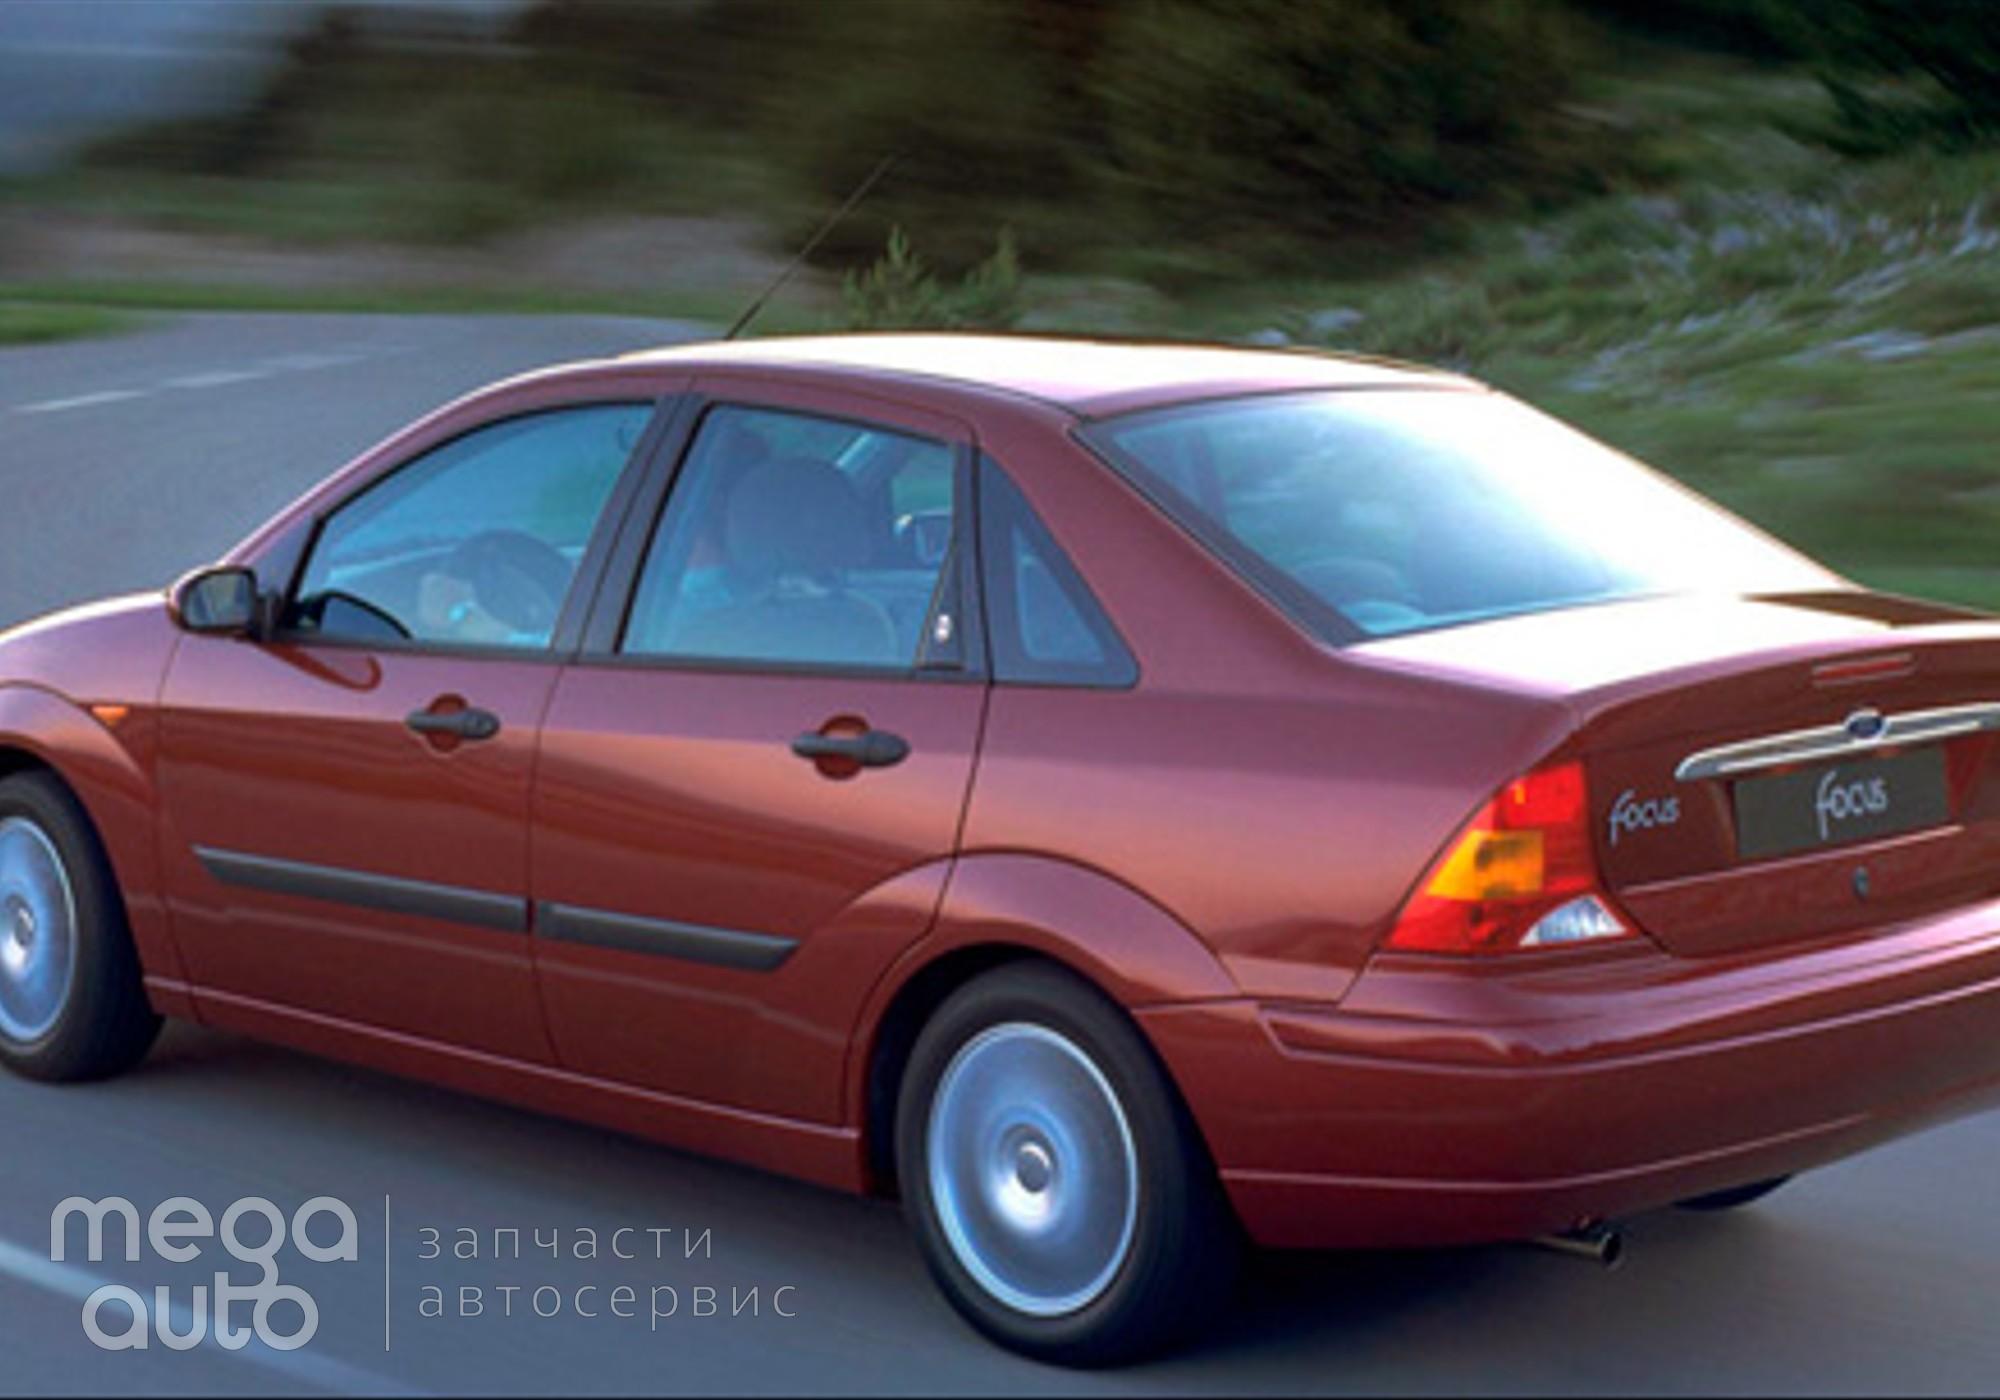 Ford Mondeo I 1995 г. в разборе